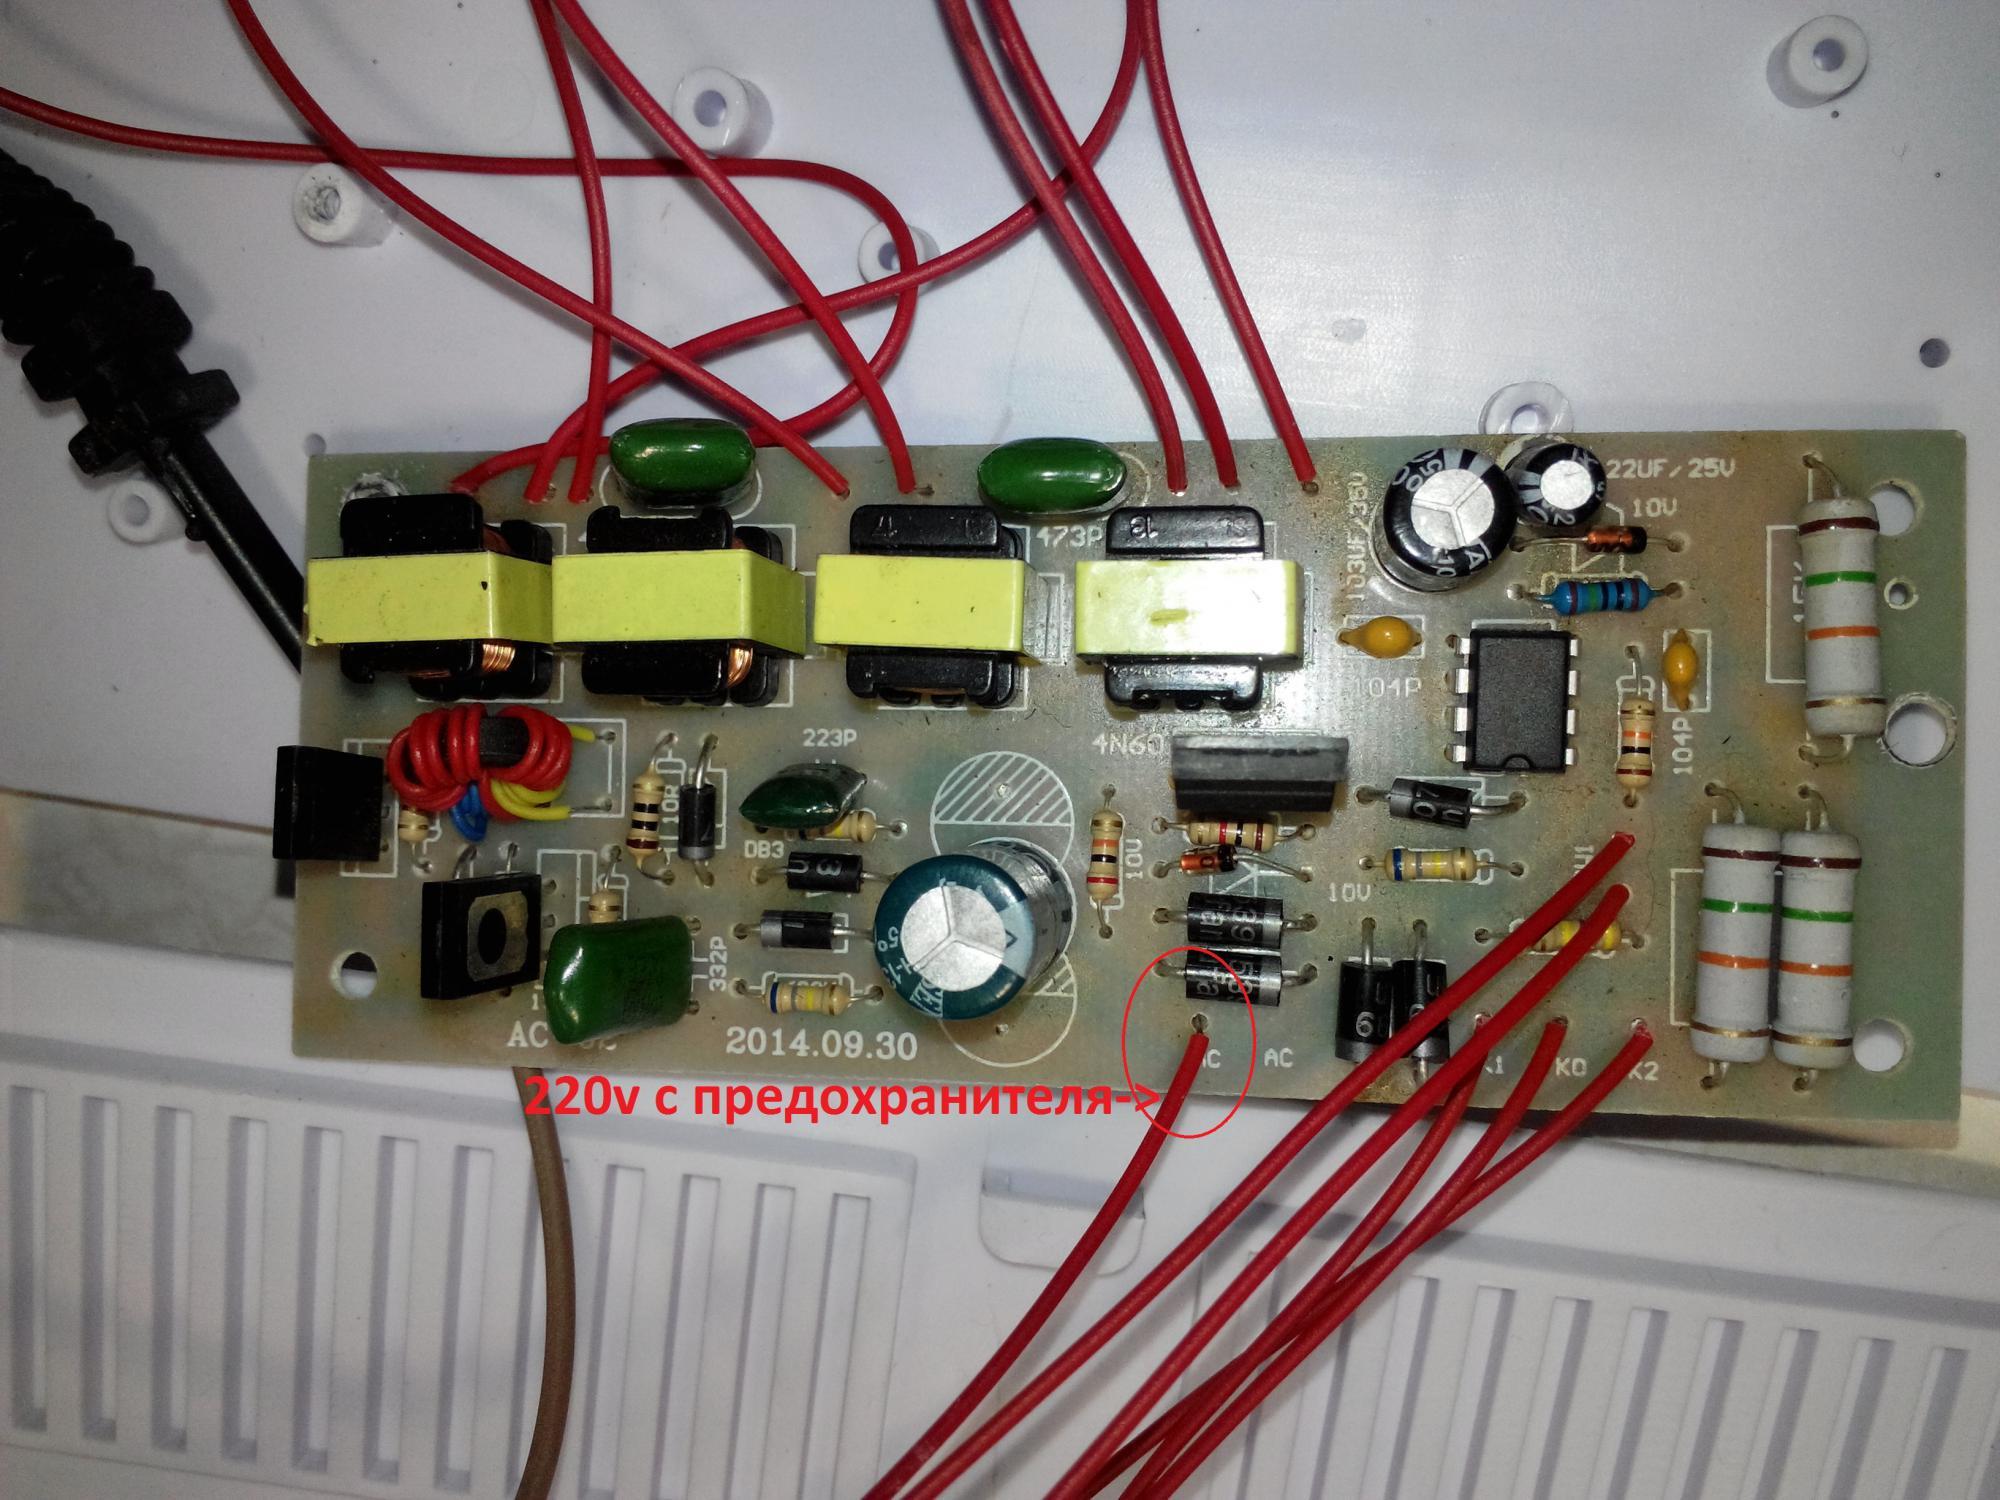 схема подключения могнитолы panasonek cq-c1300gn